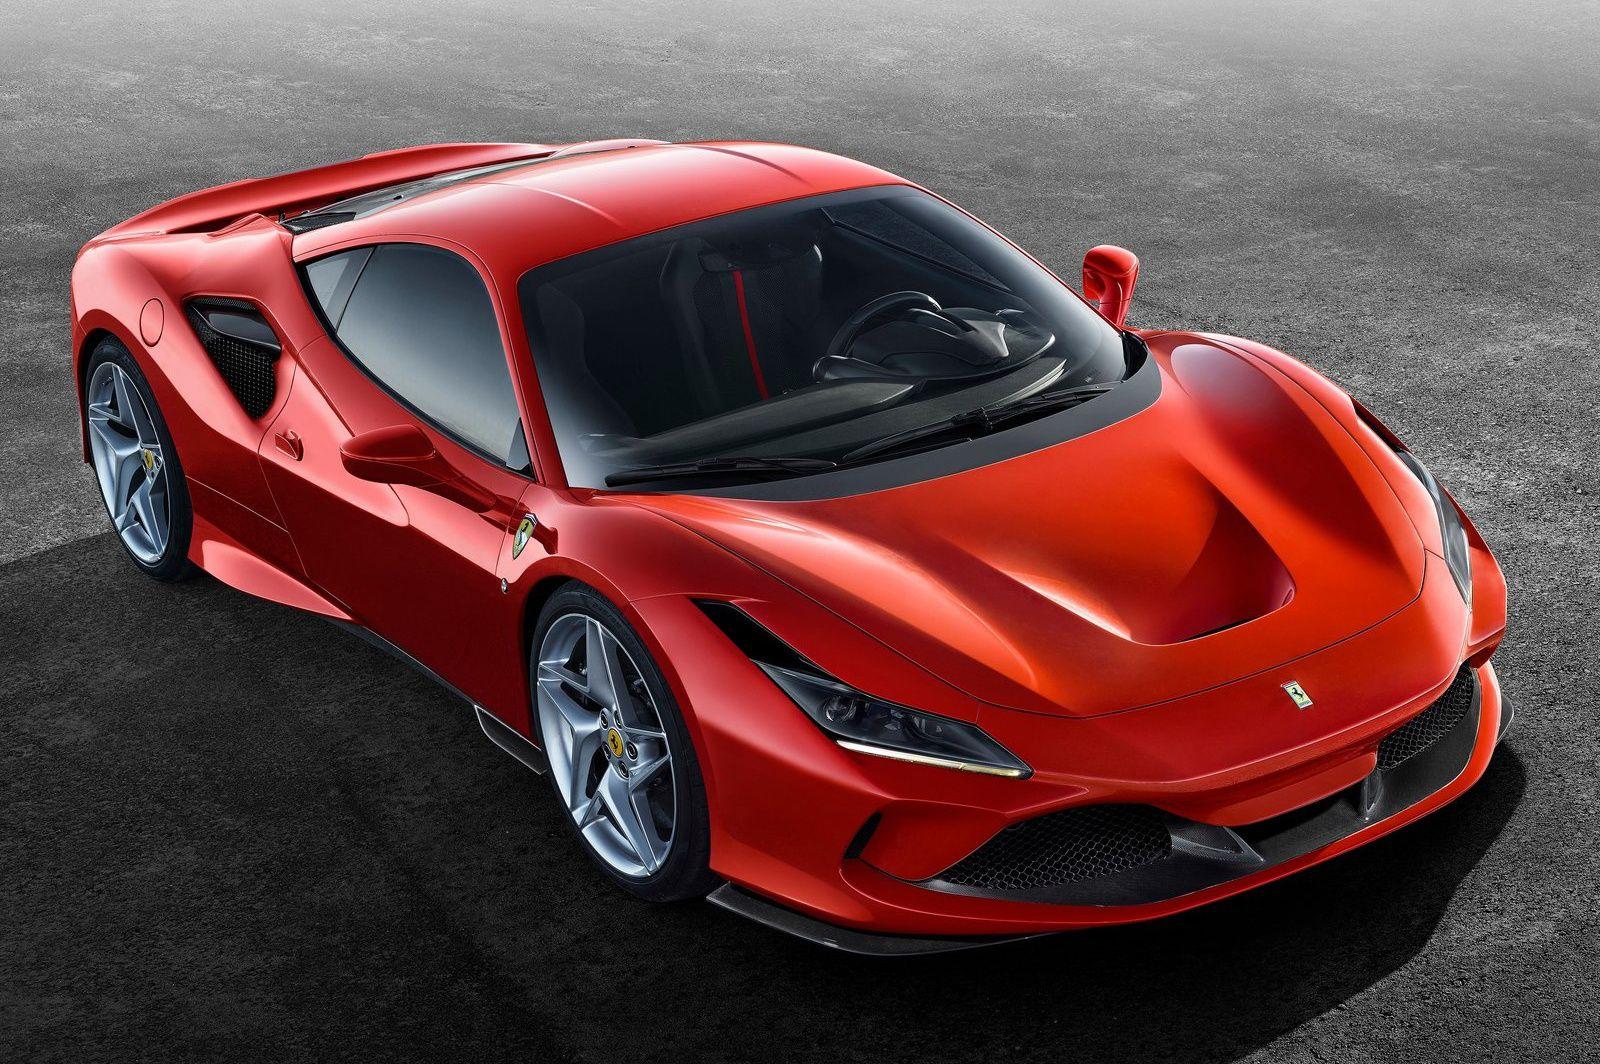 """Ferrari F8 Tributo : non, ce n'est pas un """"simple"""" restylage"""